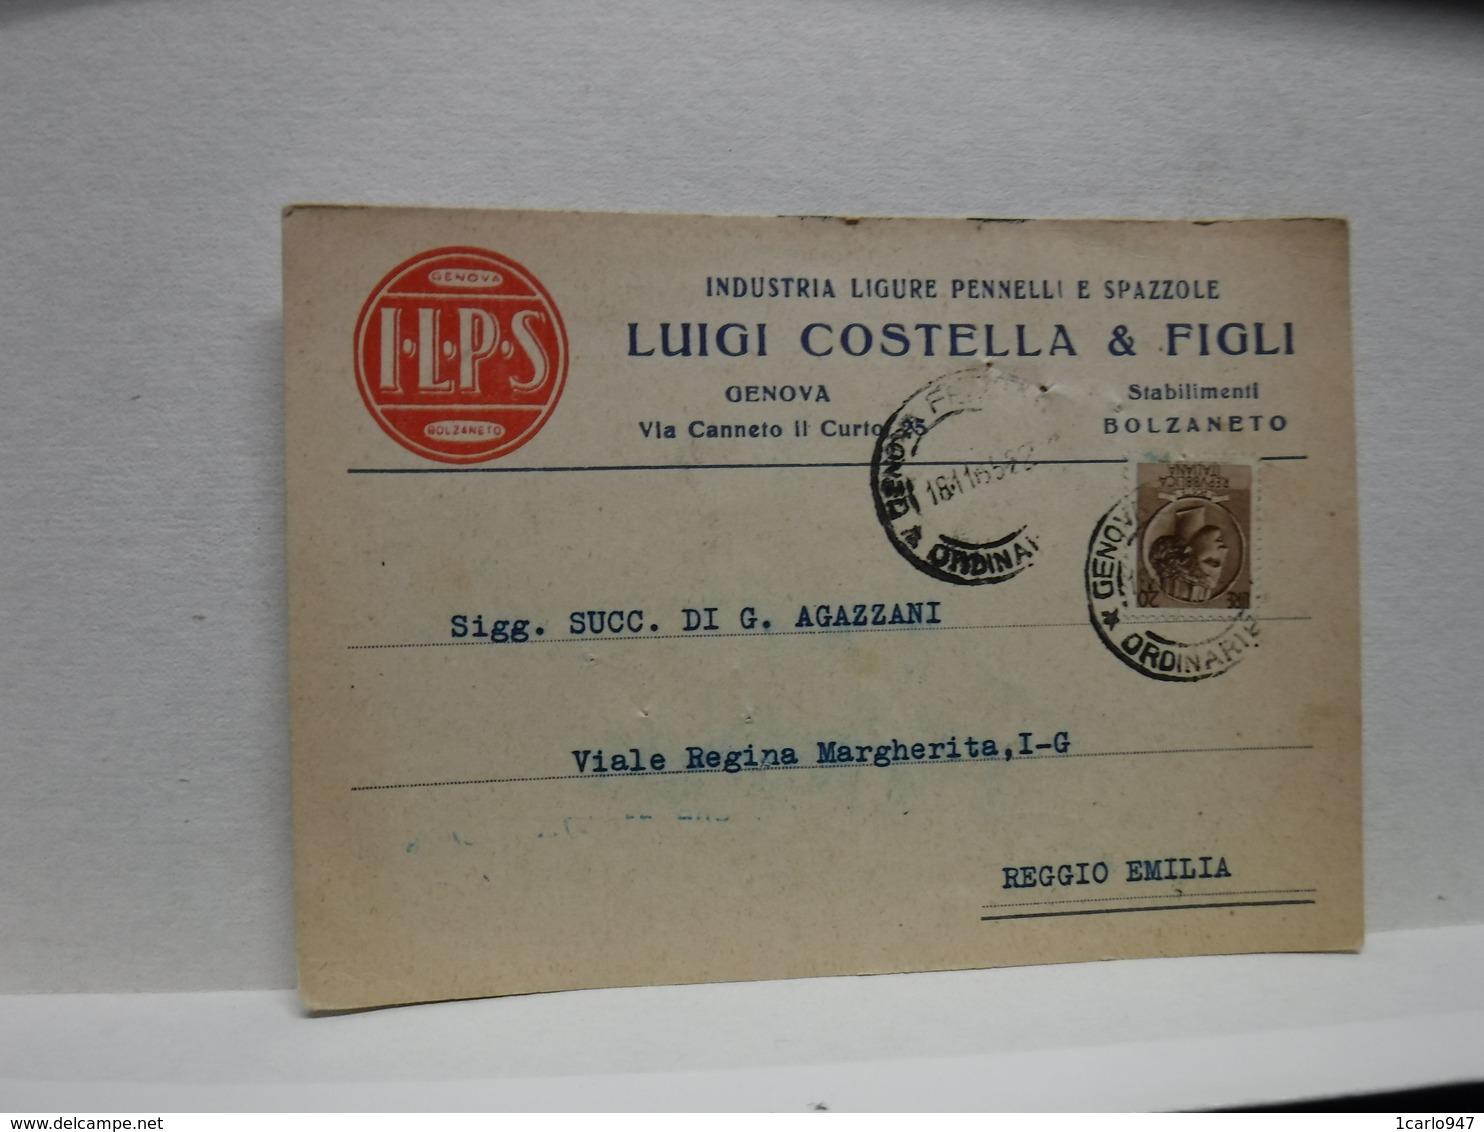 BOLZANETO   -- GENOVA --  LUIGI COSTELLA  E FIGLI -- INDUSTRIA PENNELLI  E SPAZZOLE - Genova (Genoa)